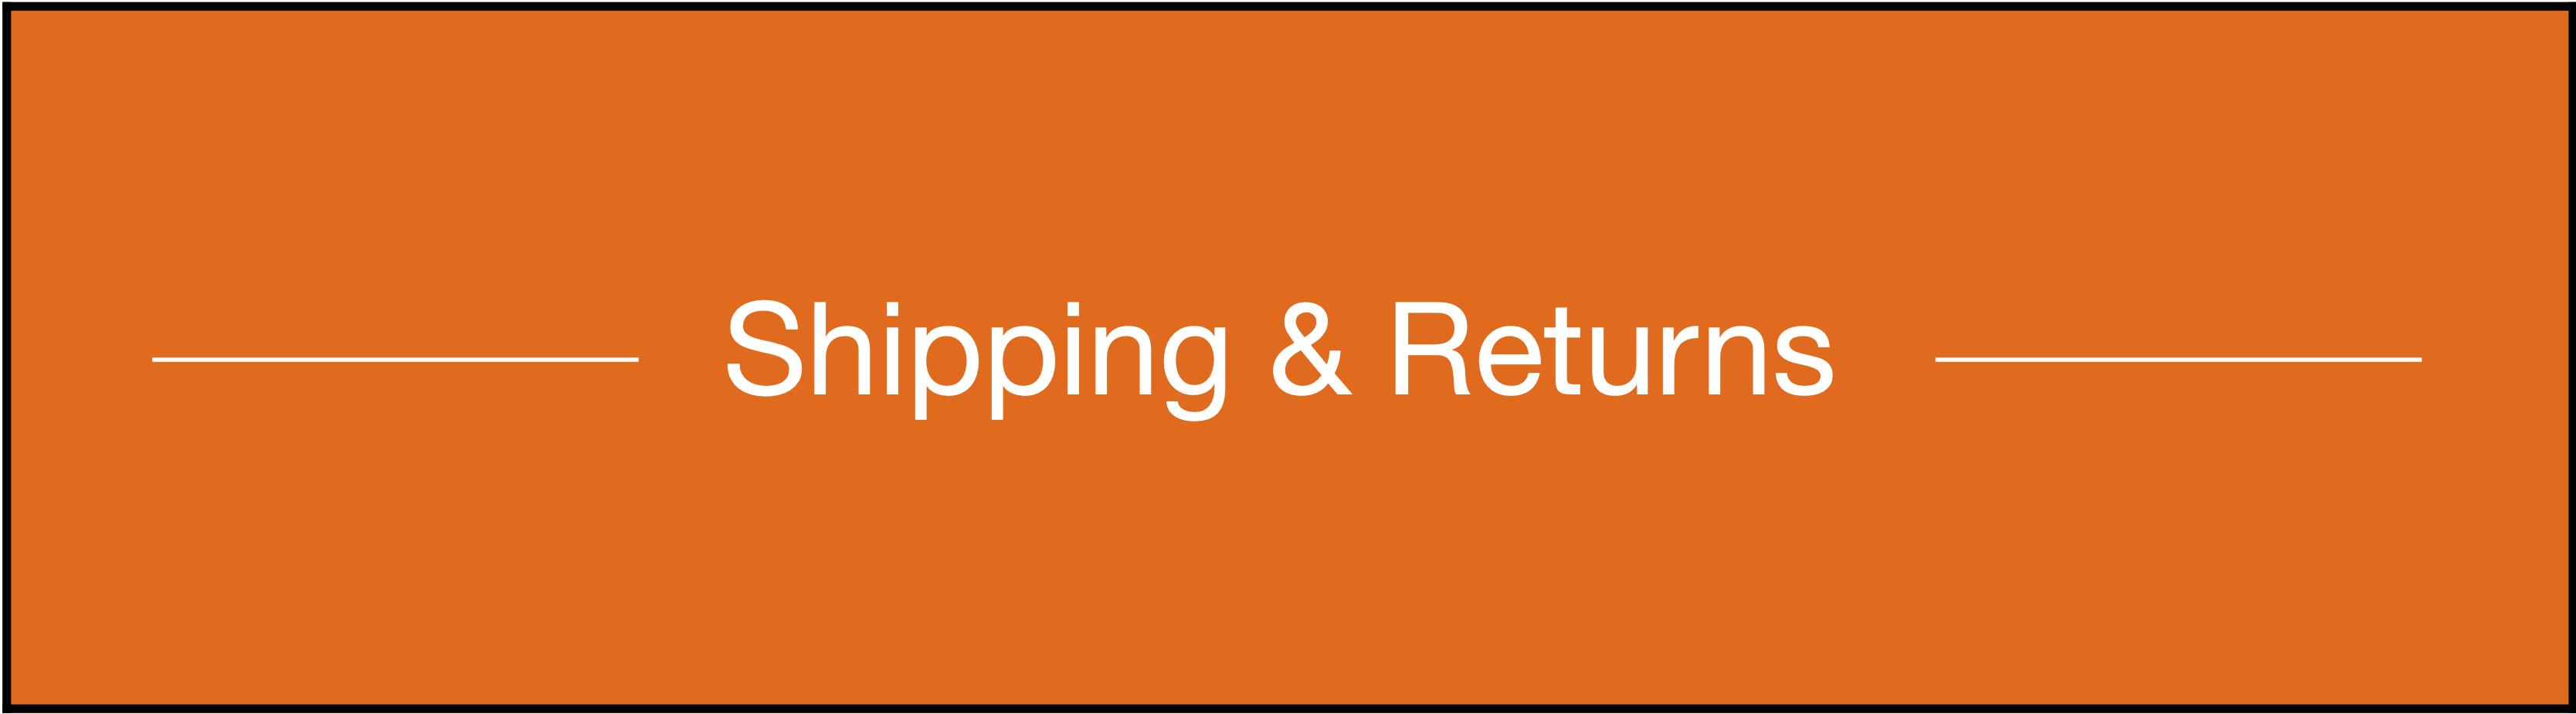 shipping-returns.jpg